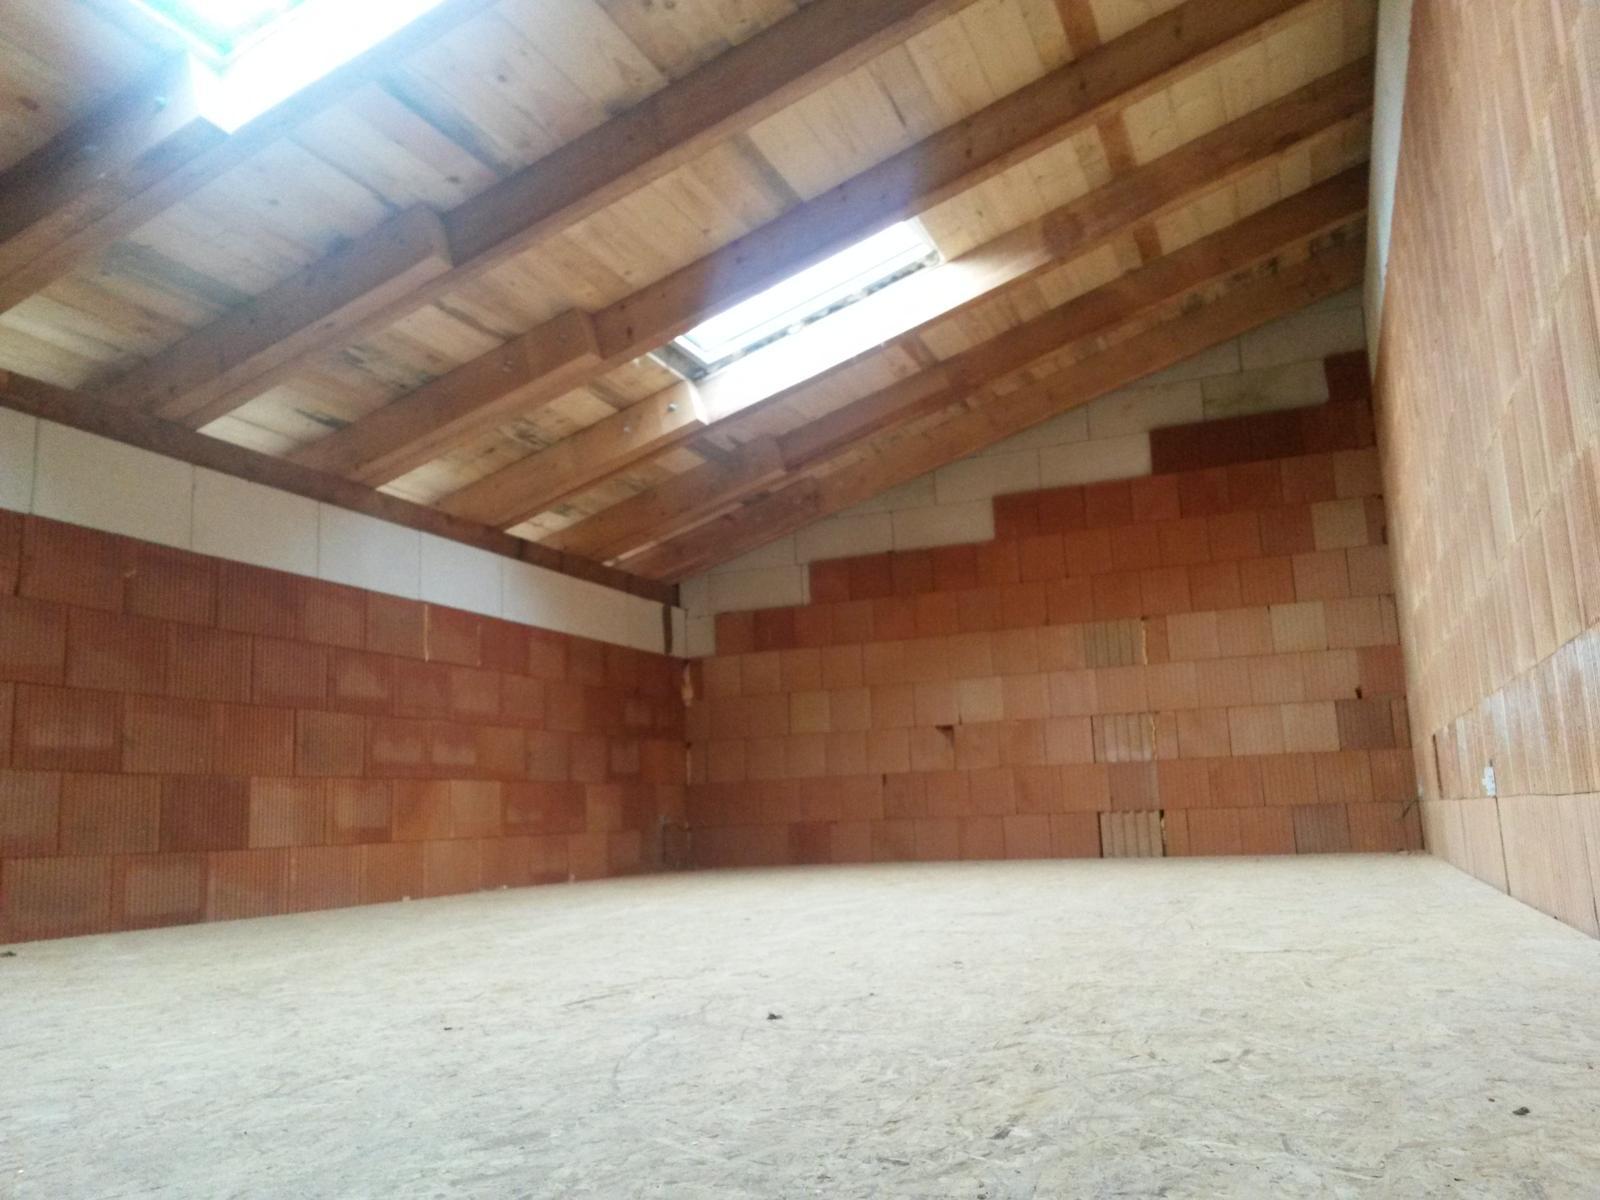 Domeček - podkrovní místnost, nakonec tedy část pokoje dcerky